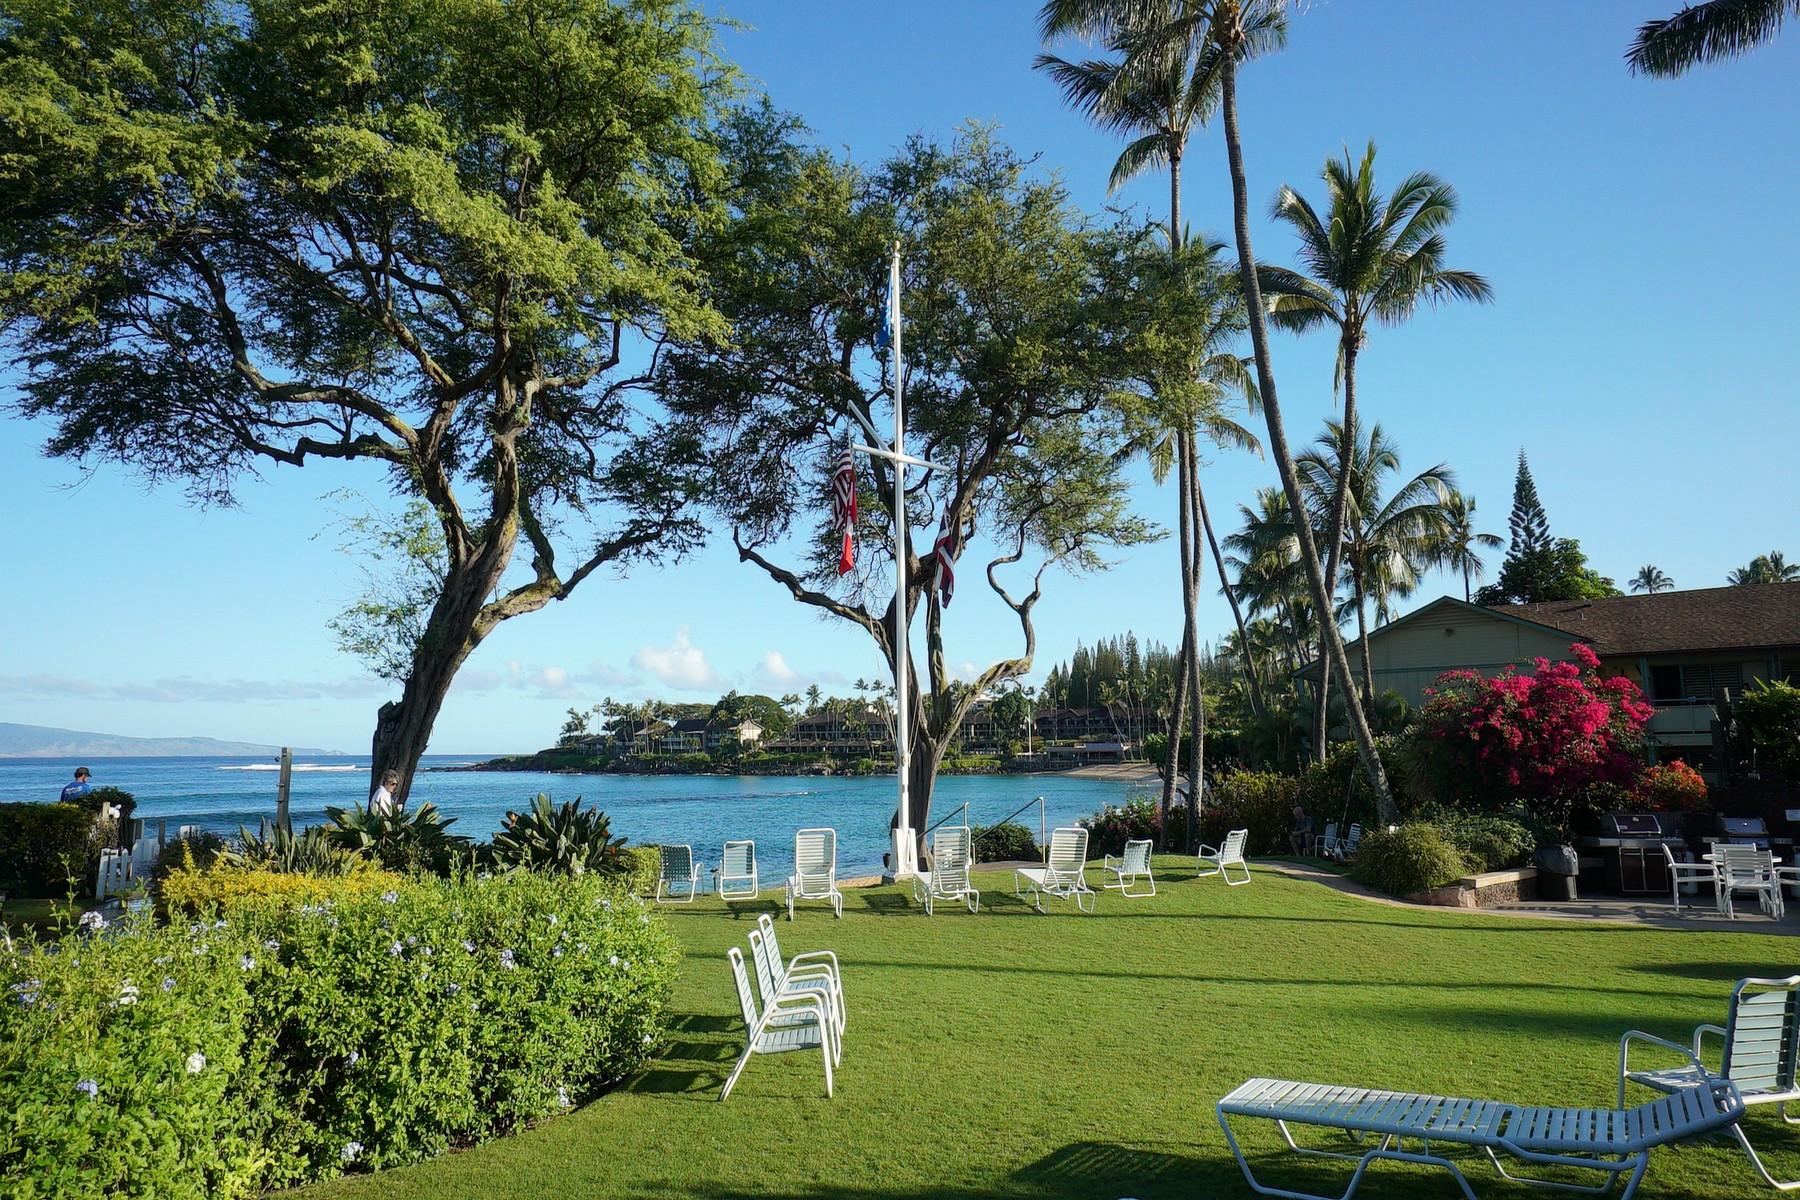 Condomínio para Venda às Slice of Paradise, Napili Surf 50 Napili Place, Napili Surf 218 Lahaina, Havaí, 96761 Estados Unidos